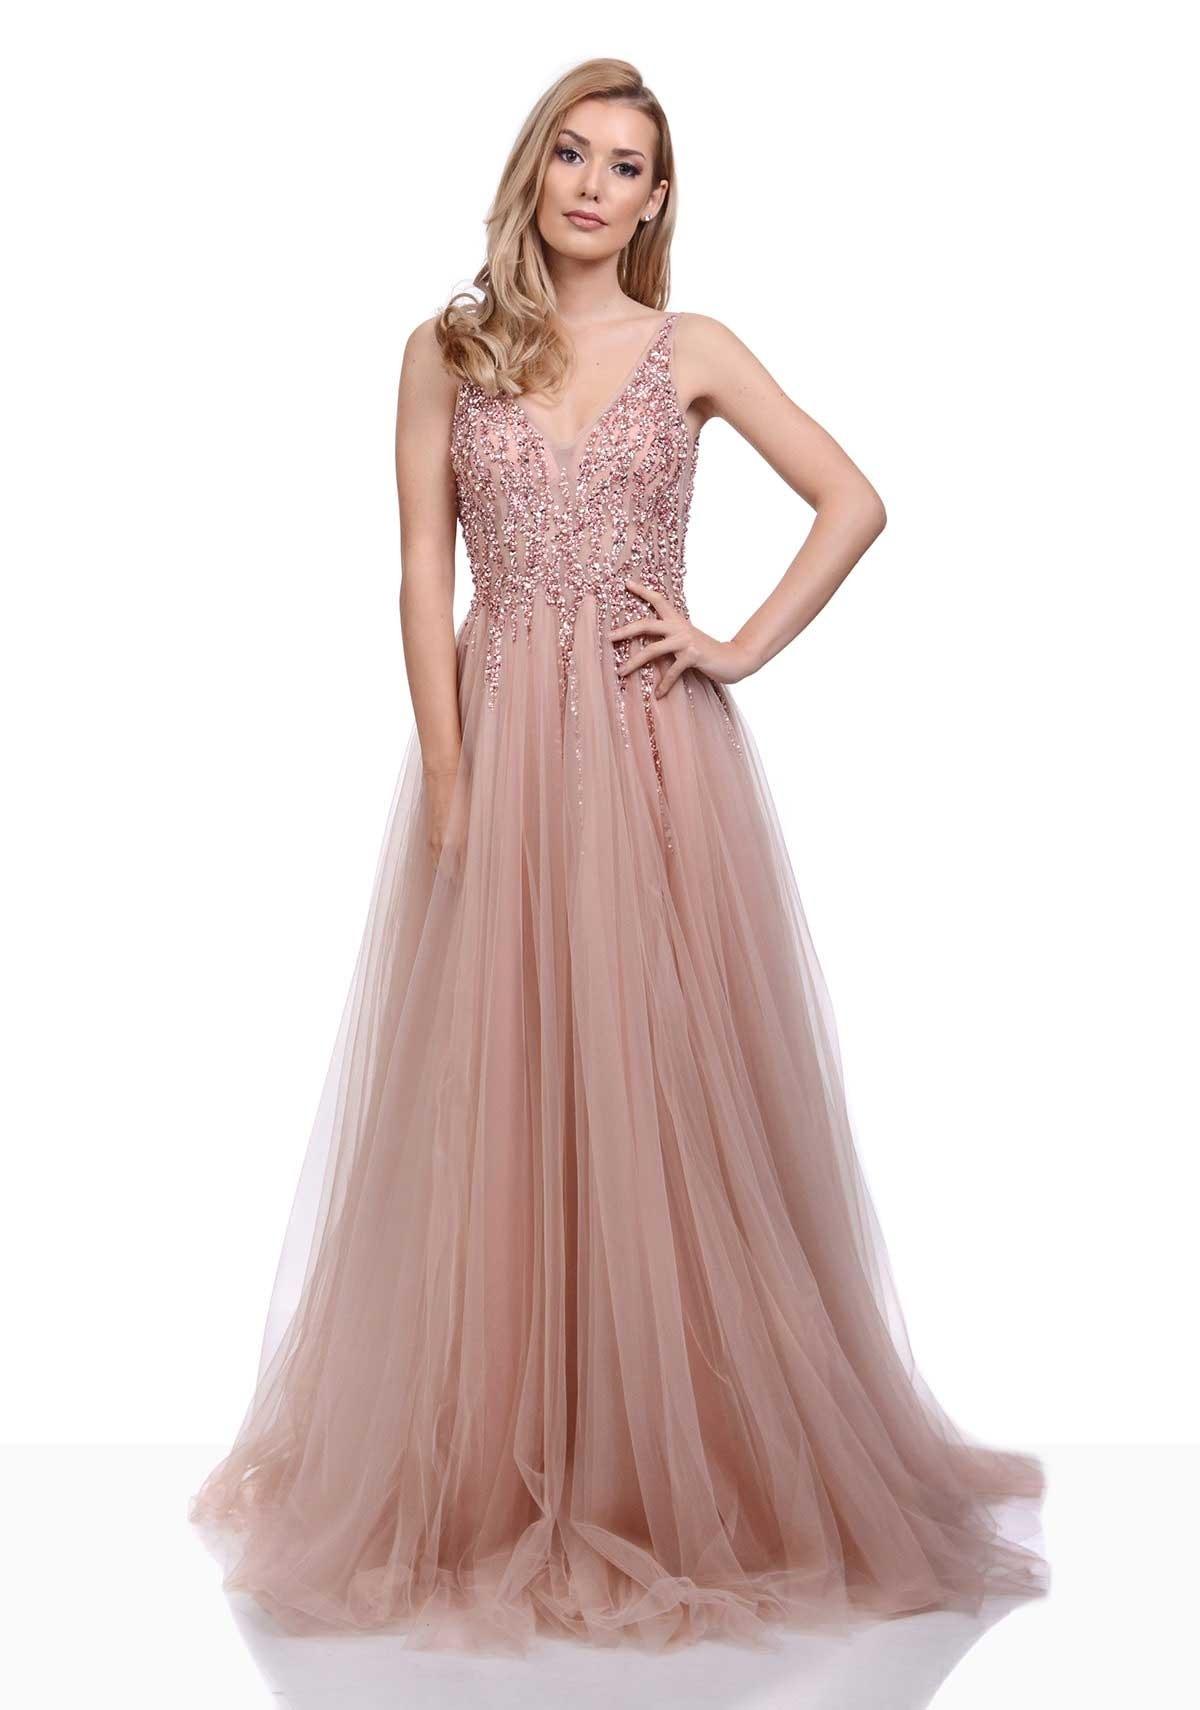 Abend Coolste Www Abendkleider StylishDesigner Elegant Www Abendkleider Stylish